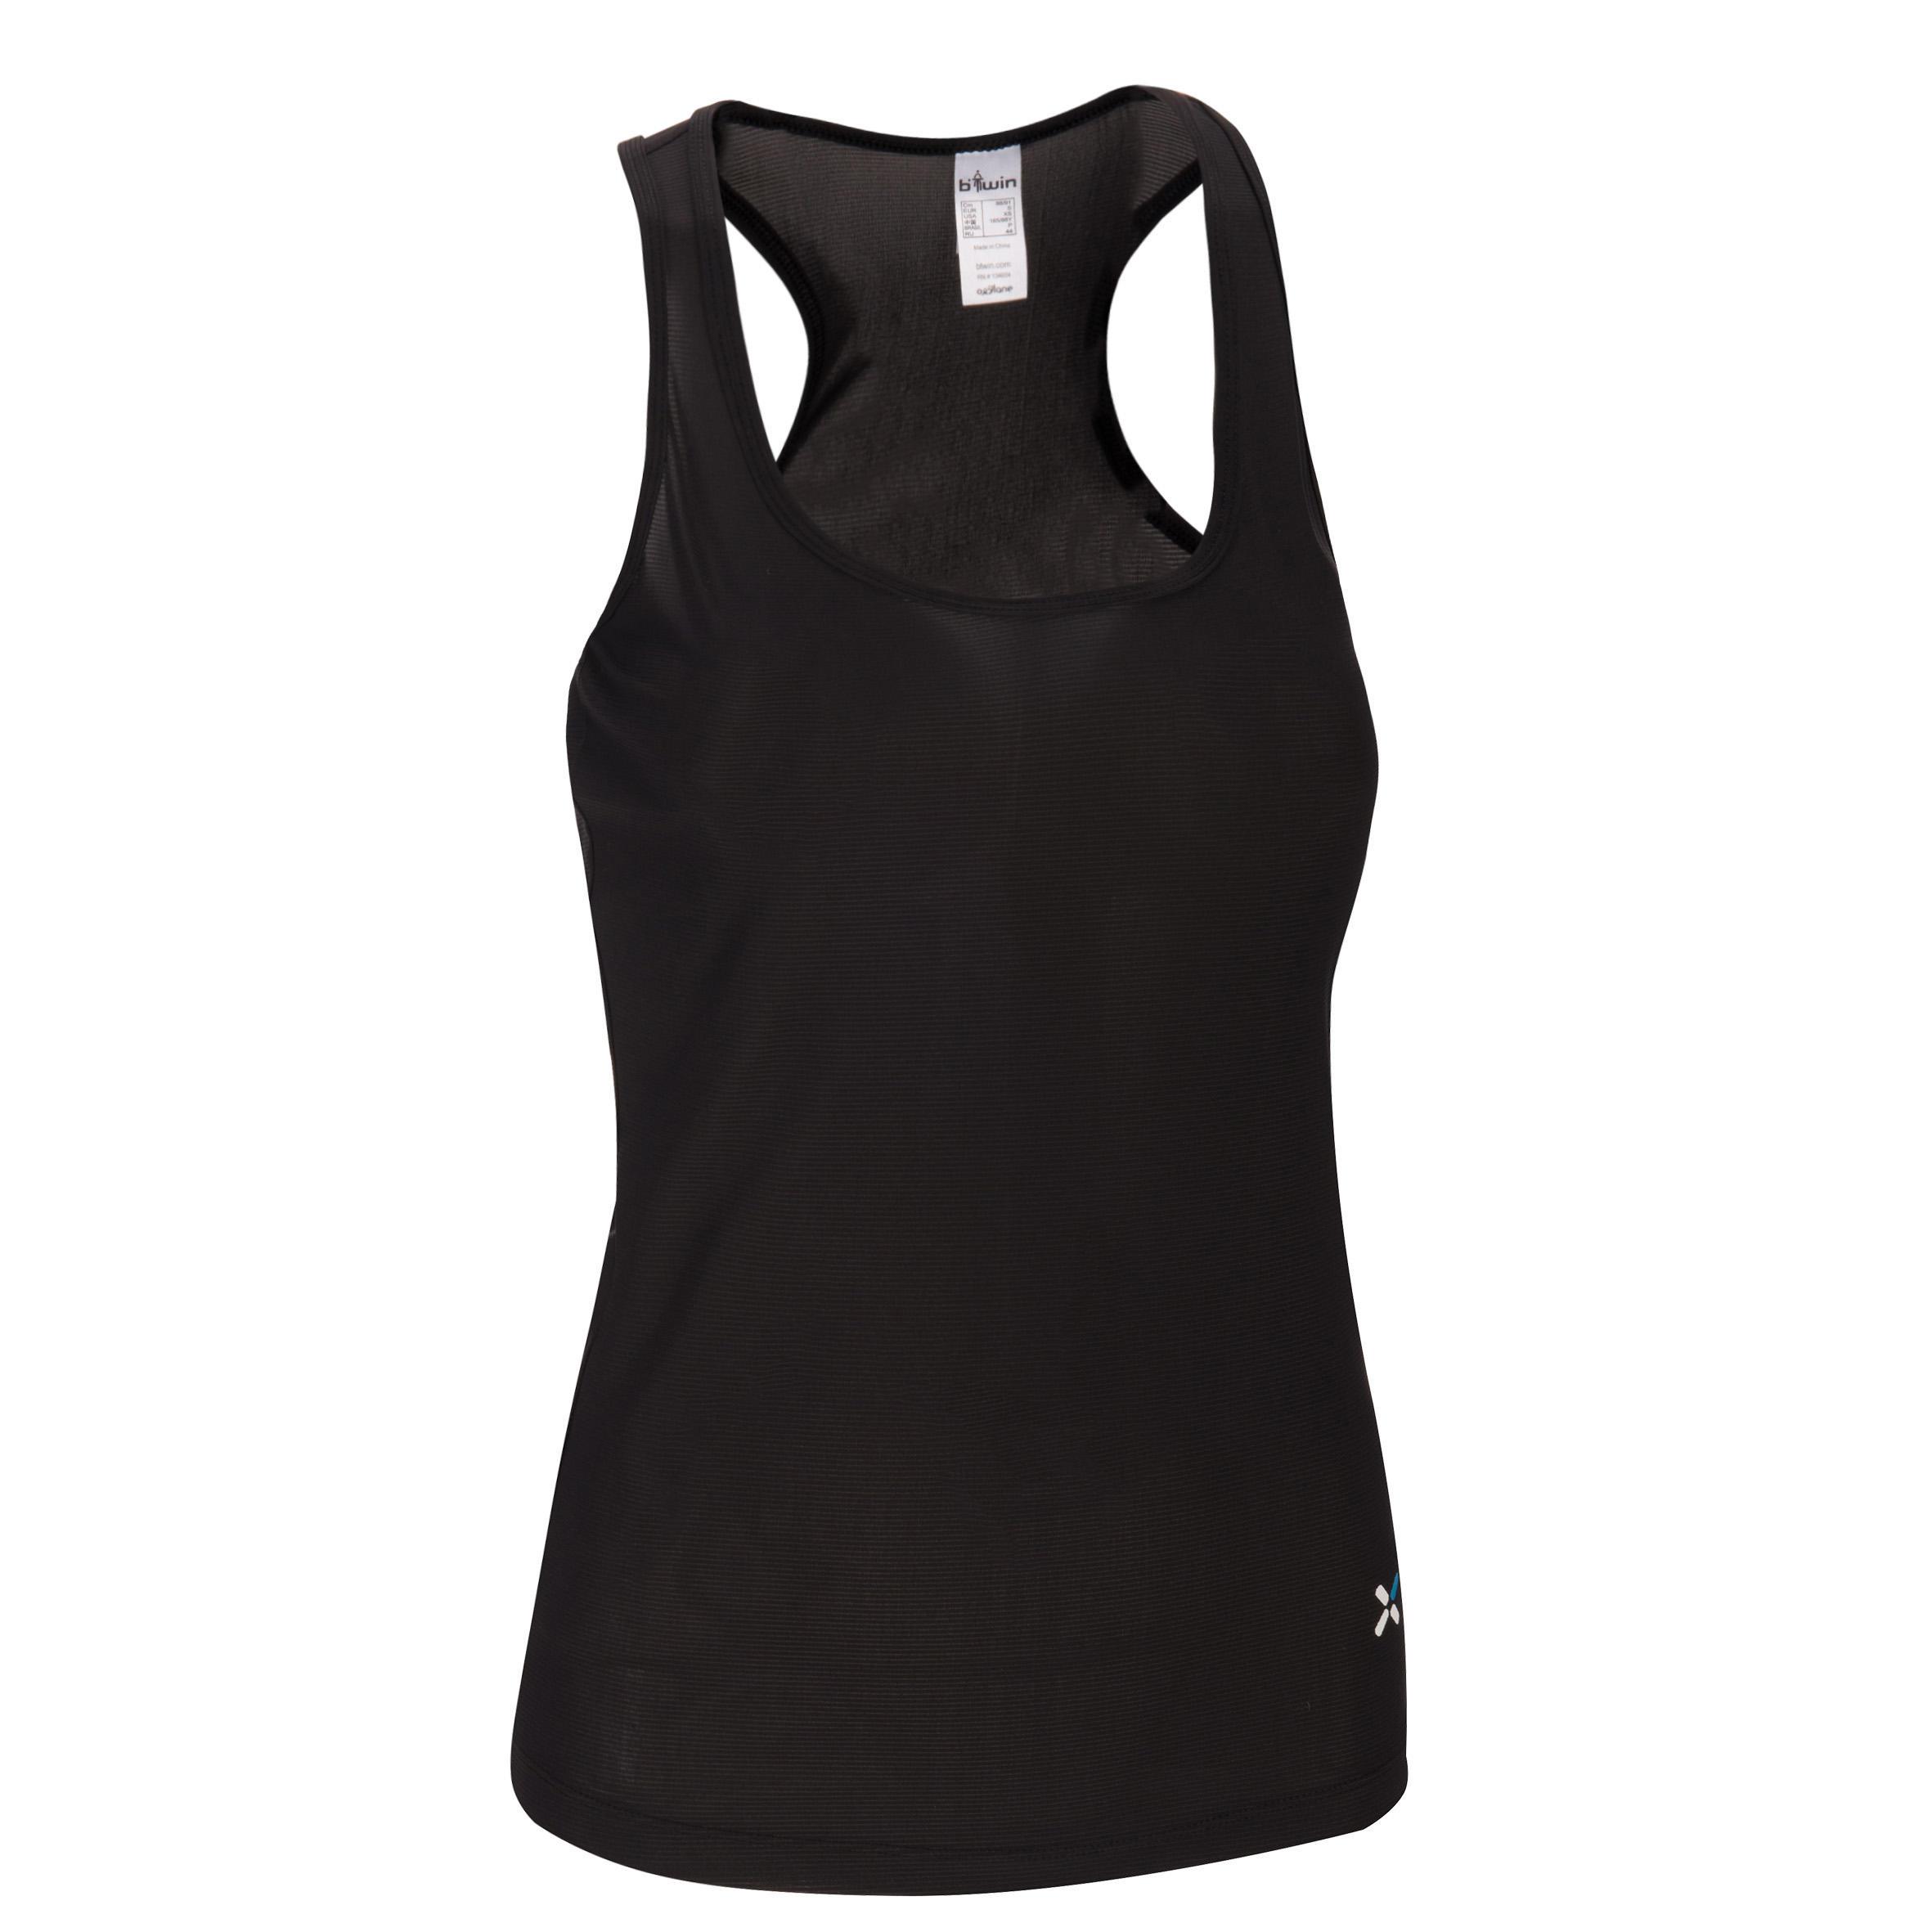 Sous-vêtement sans manches vélo femme 300 noir